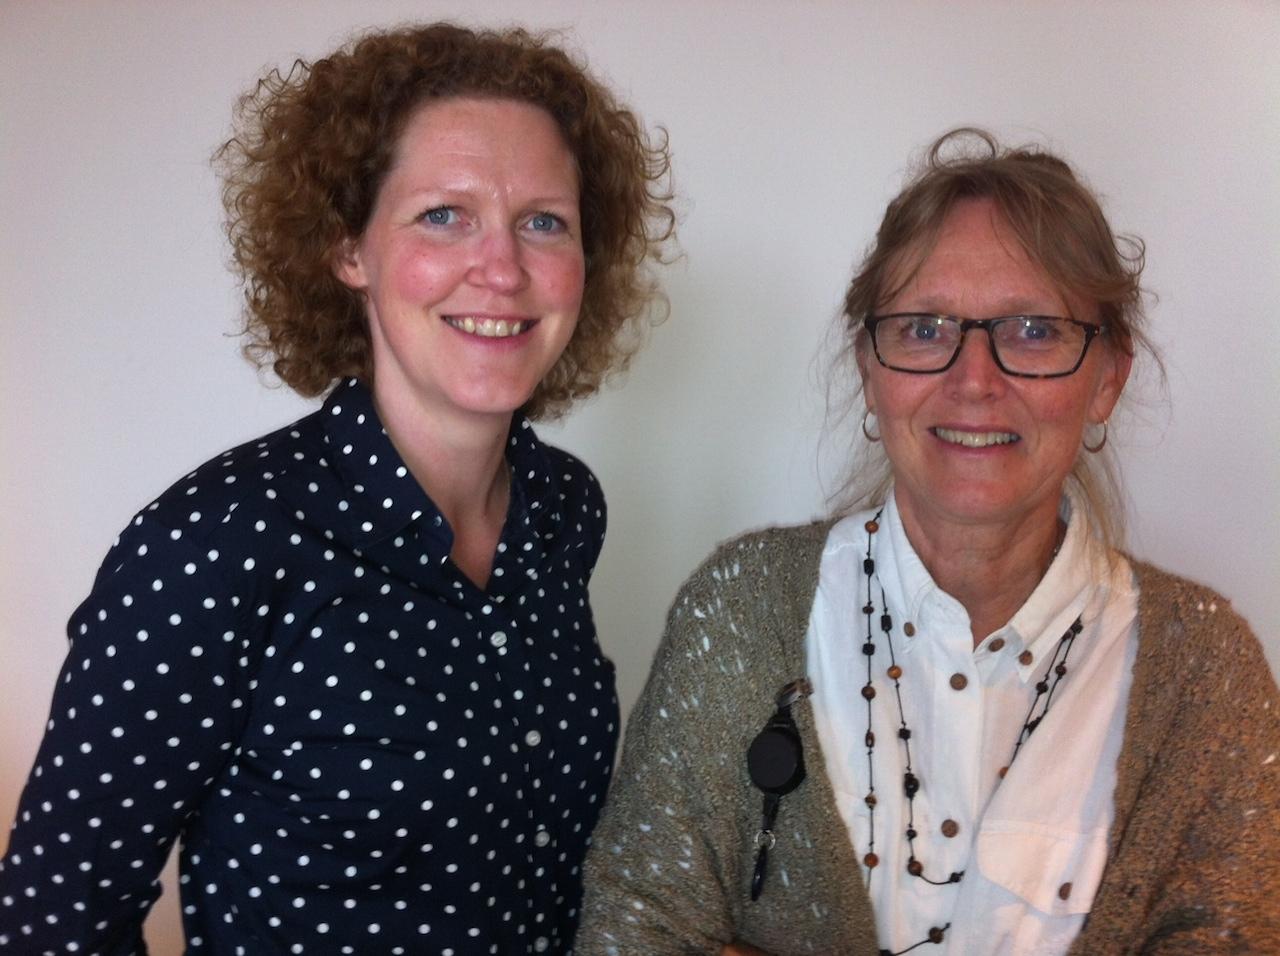 Camilla Oit och Maria Larsson tar ett nytt grepp och efterlyser värdfamiljer till ensamkommande flyktingbarn.